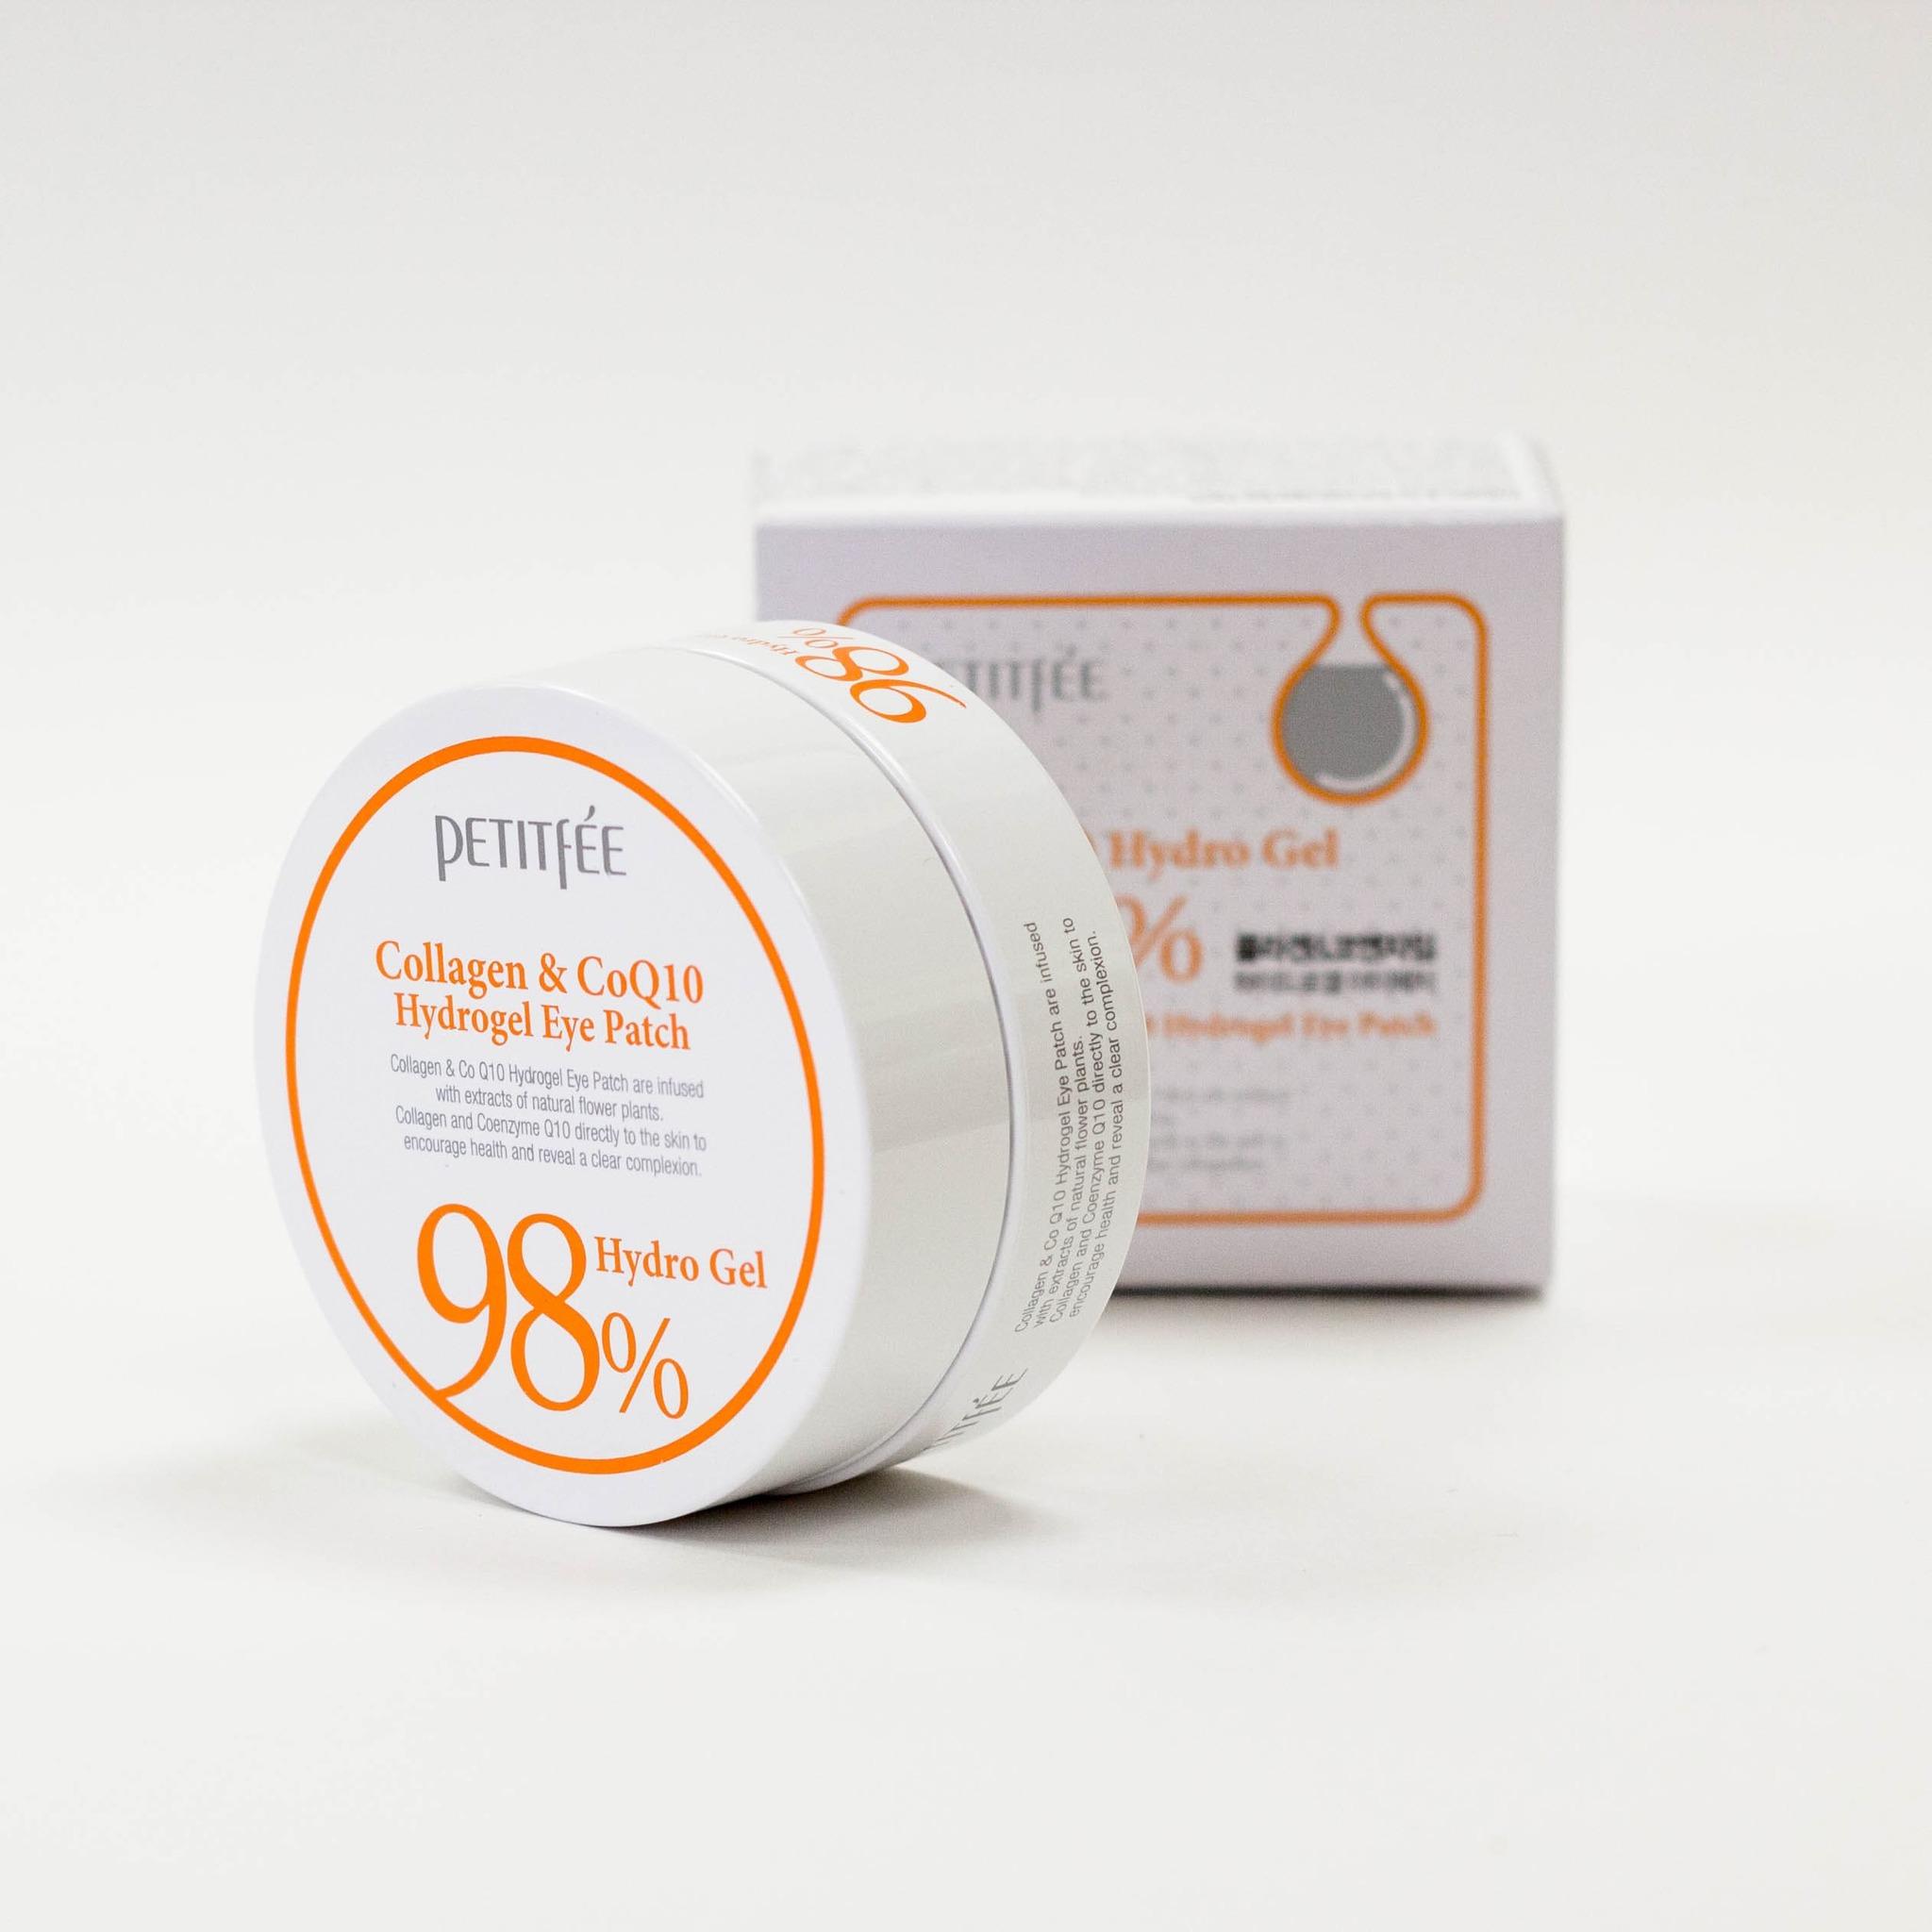 Гидрогелевые патчи с коллагеном - Petitfee Collagen & Q10 Hydrogel Eye Patch